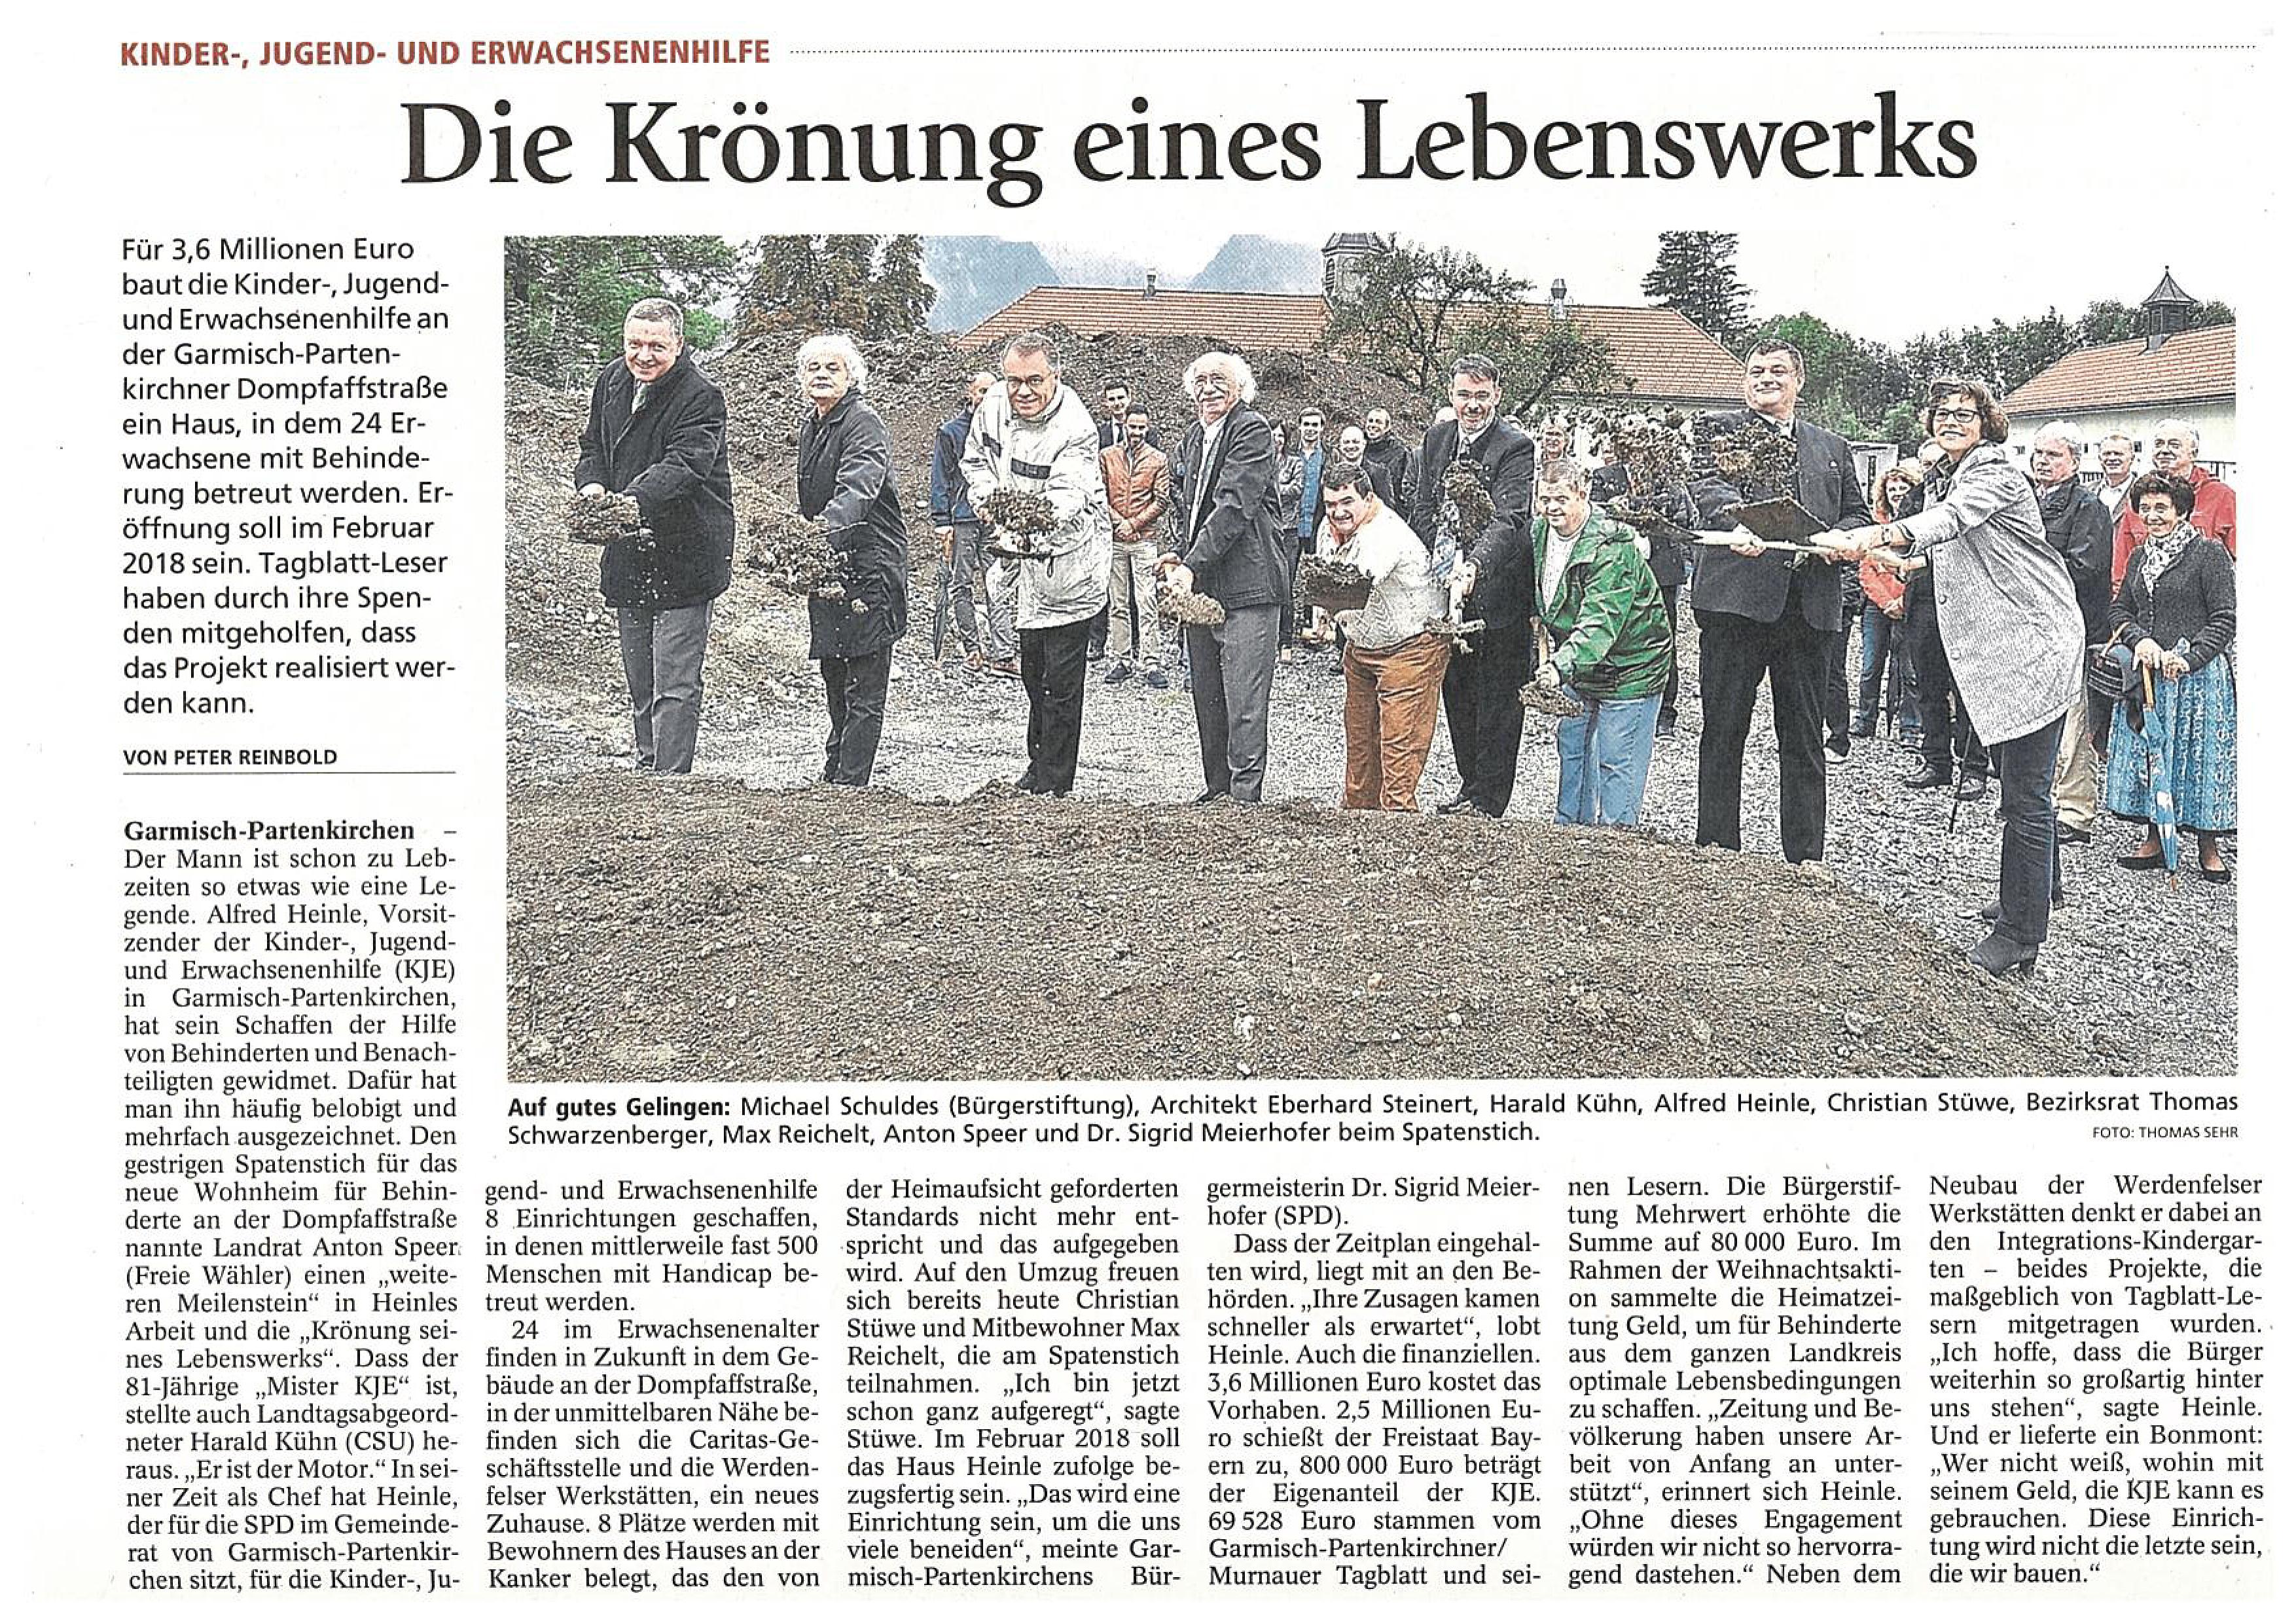 Garmisch-Partenkirchner Tagblatt 20.09.2016